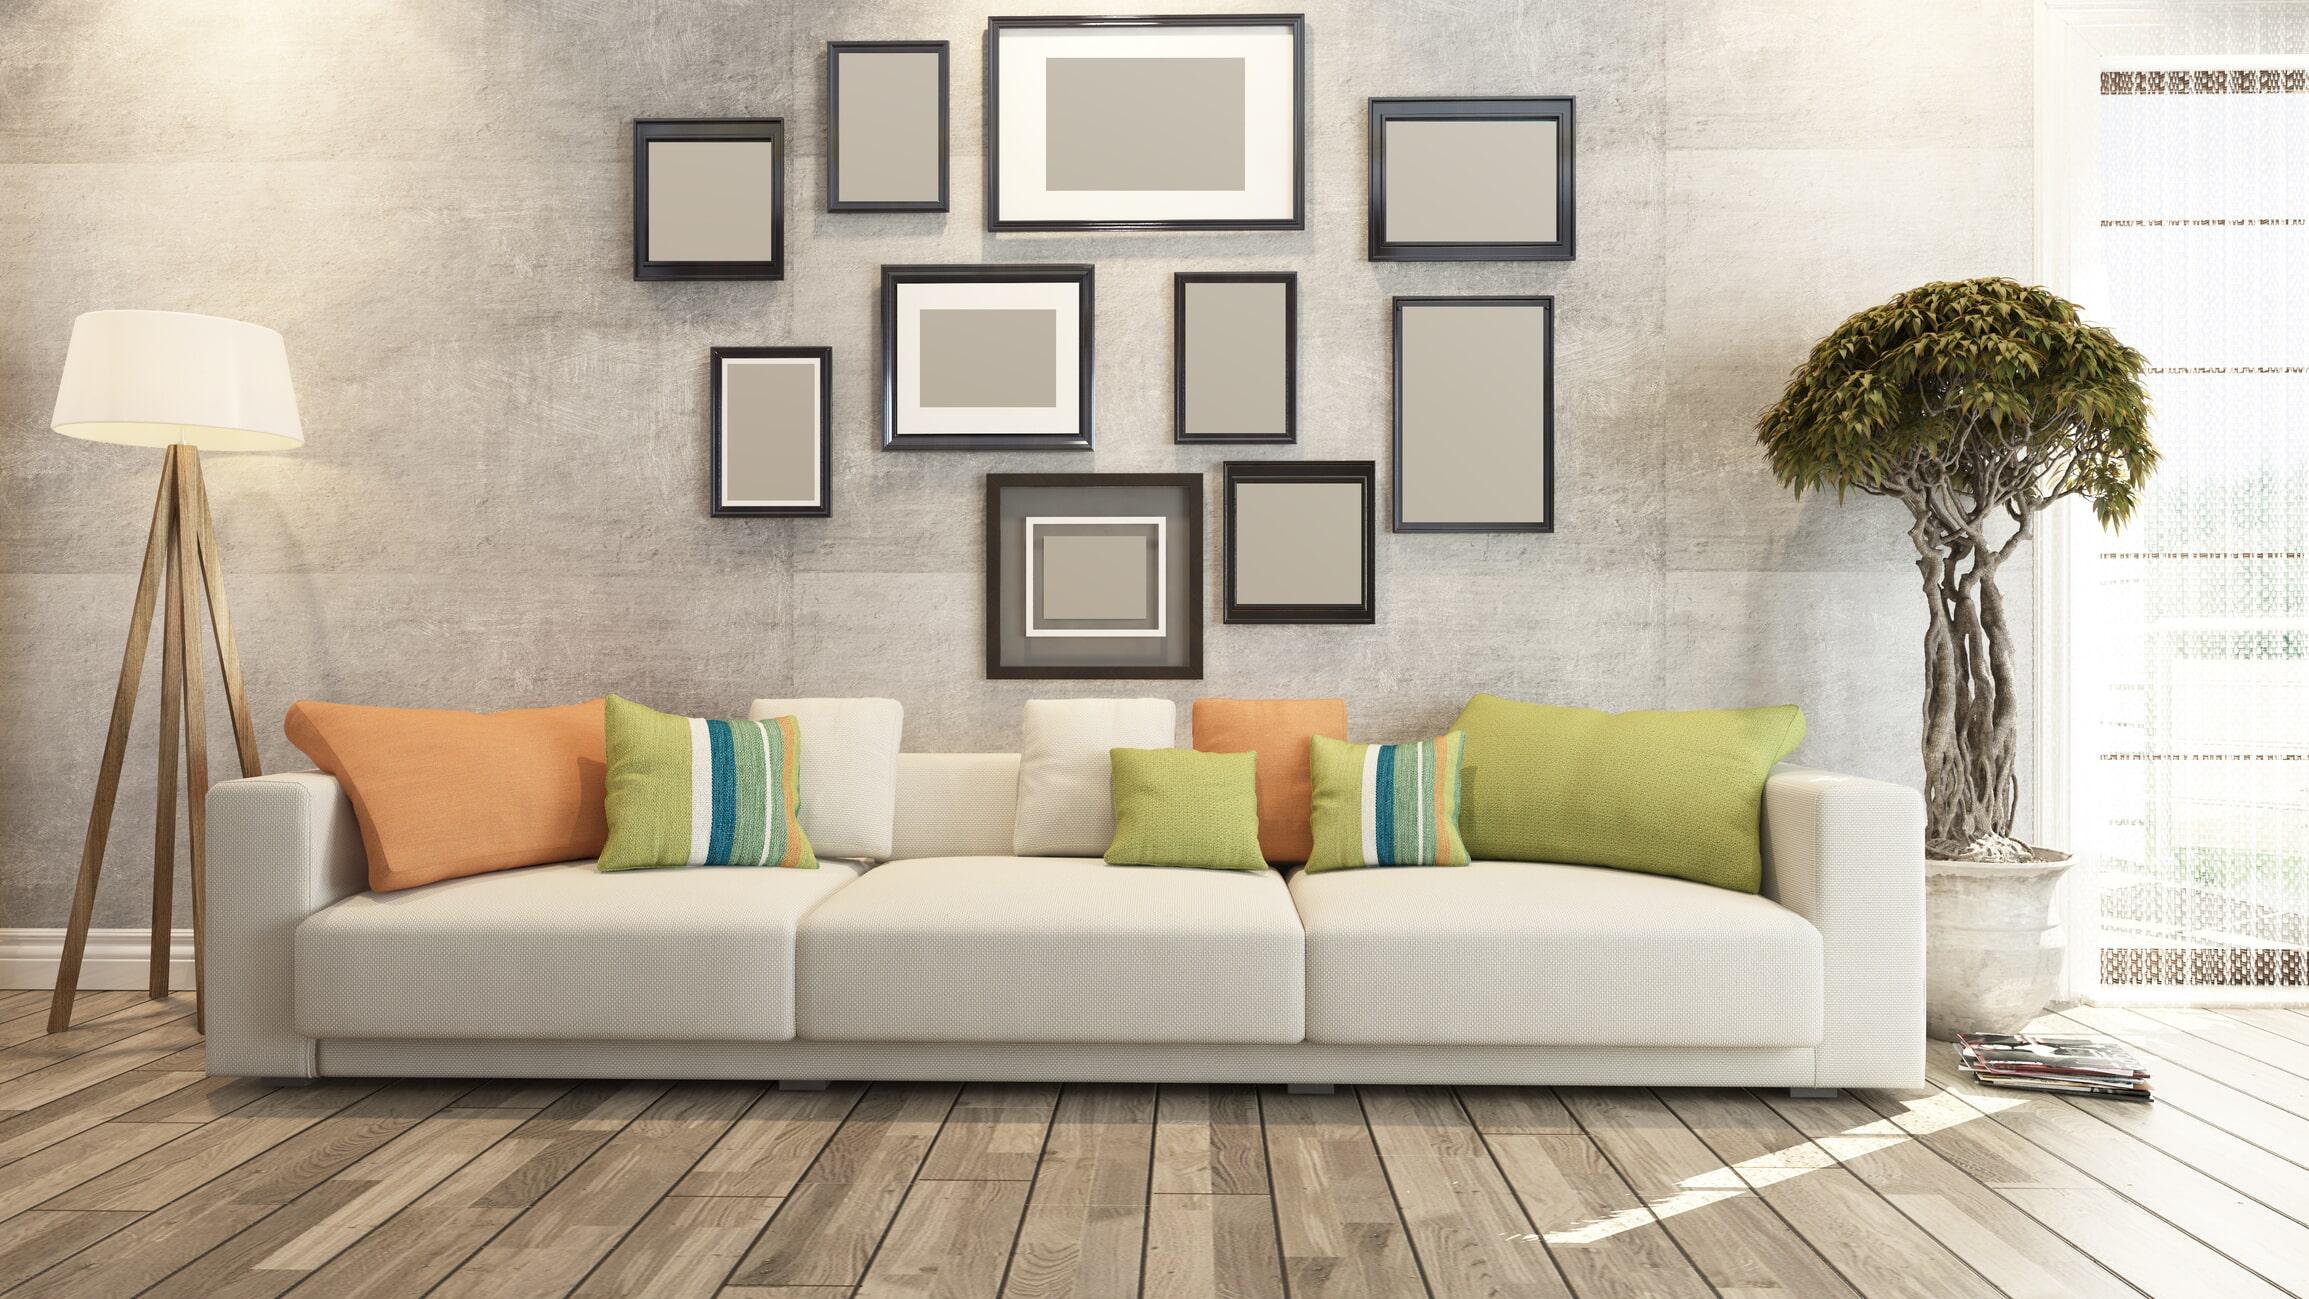 Wall Decor - Carrollton, TX - Furniture By William Webb